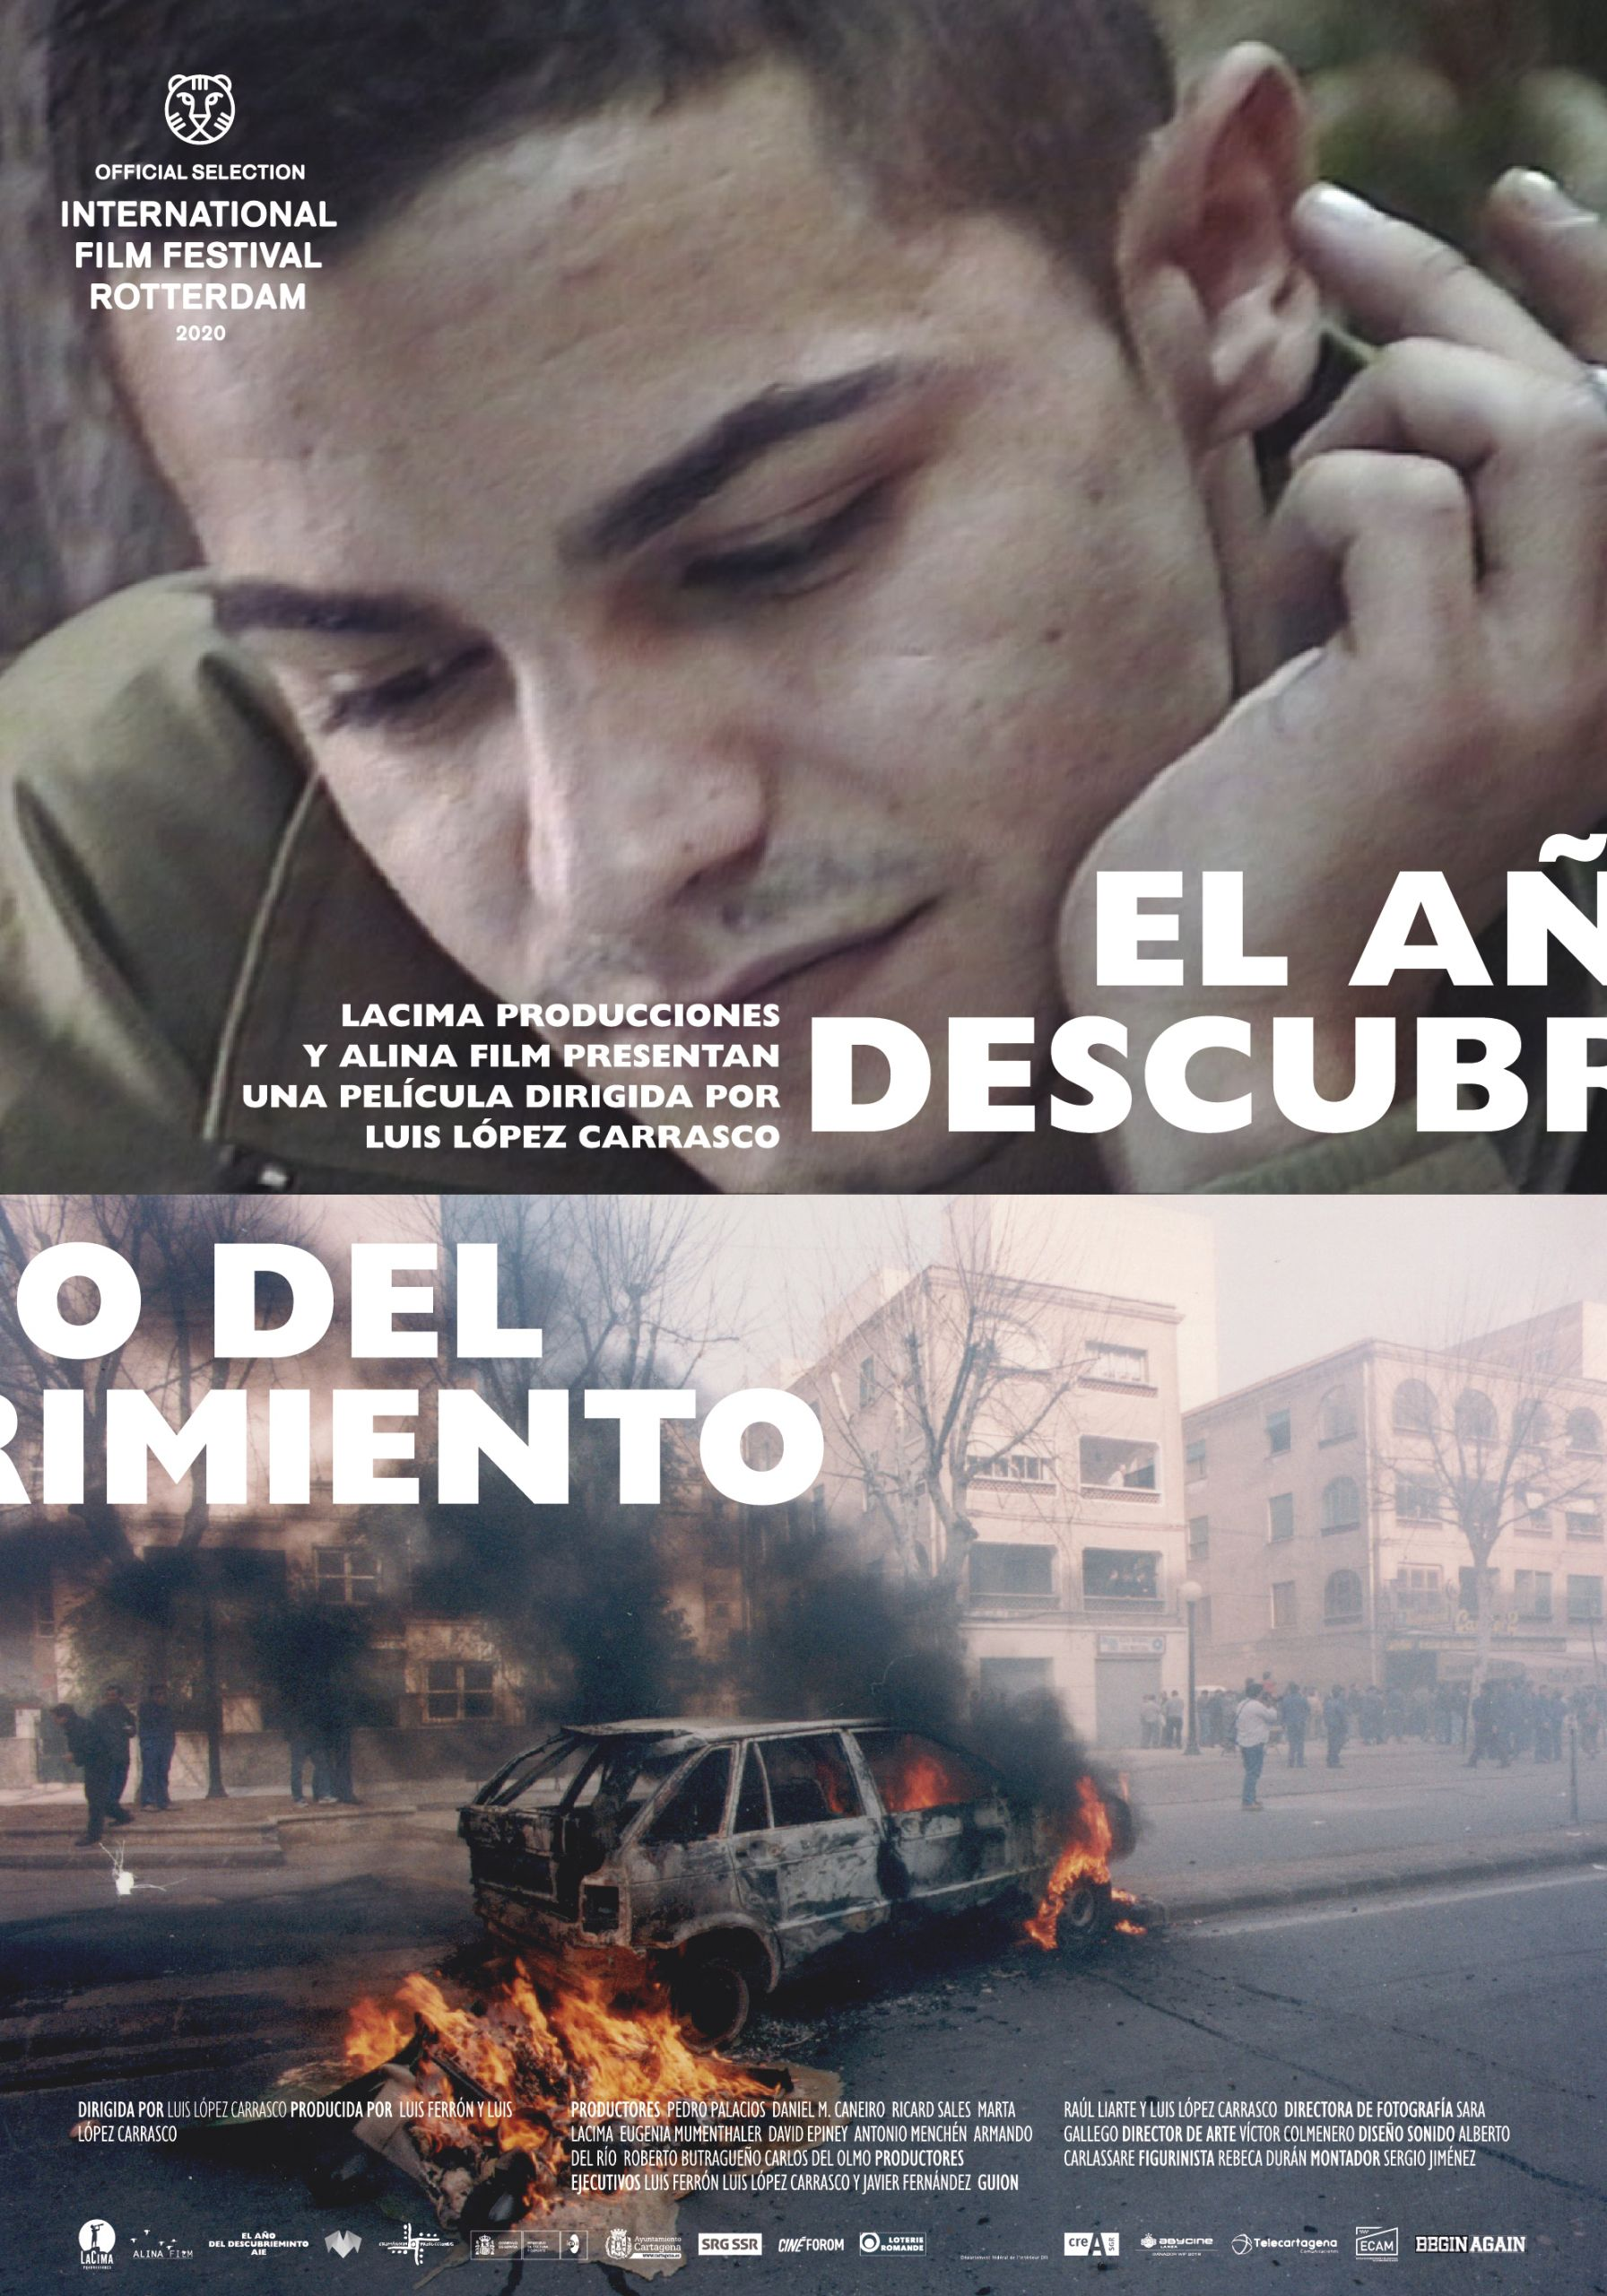 El año del descubrimiento, La película española «El año del descubrimiento» competirá en Rotterdam